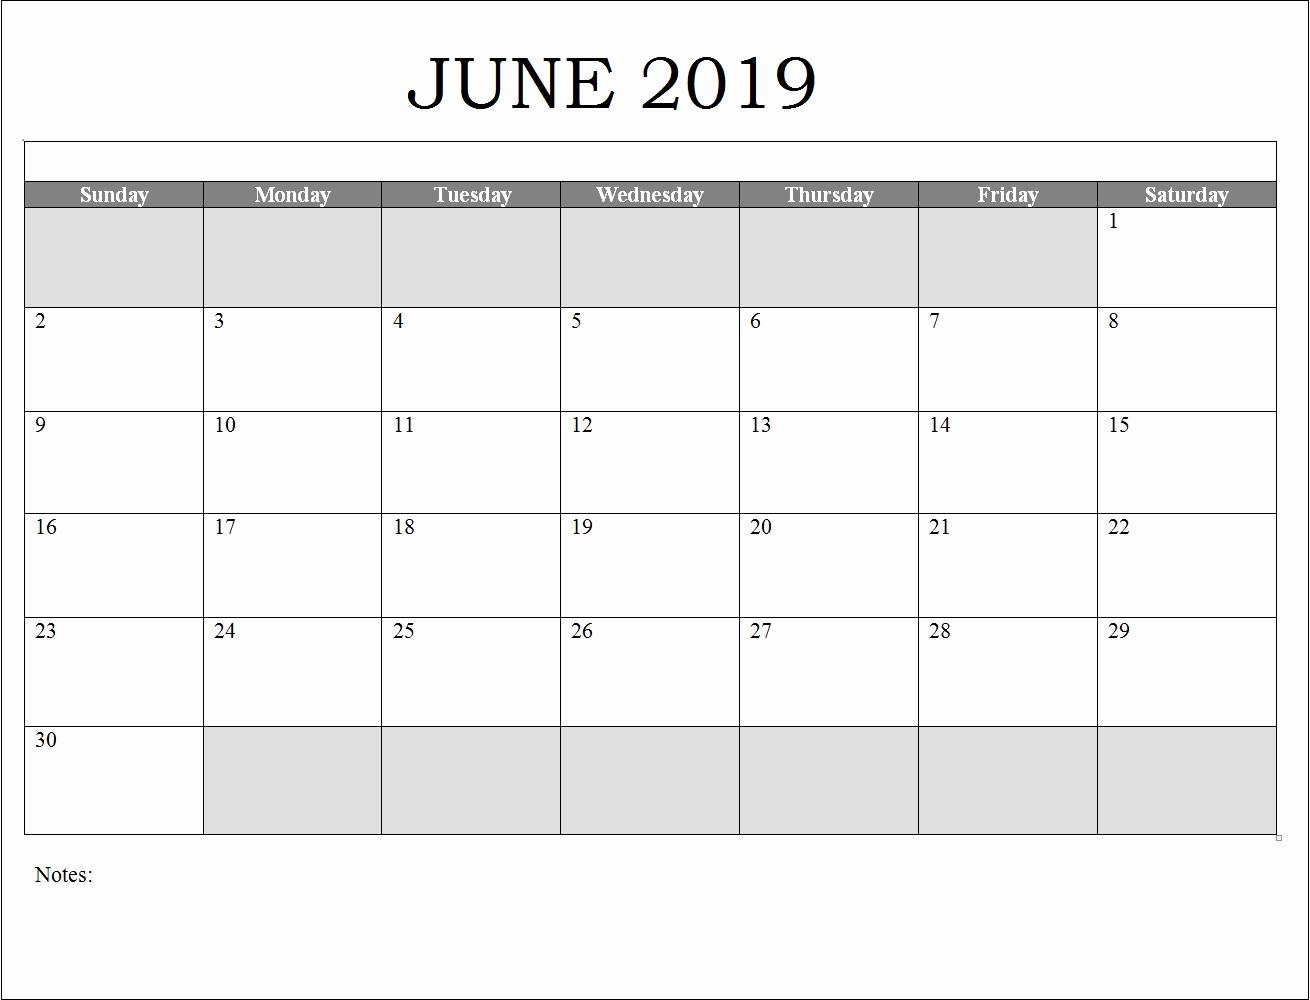 2019 Calendar Template Word Best Of June 2019 Calendar